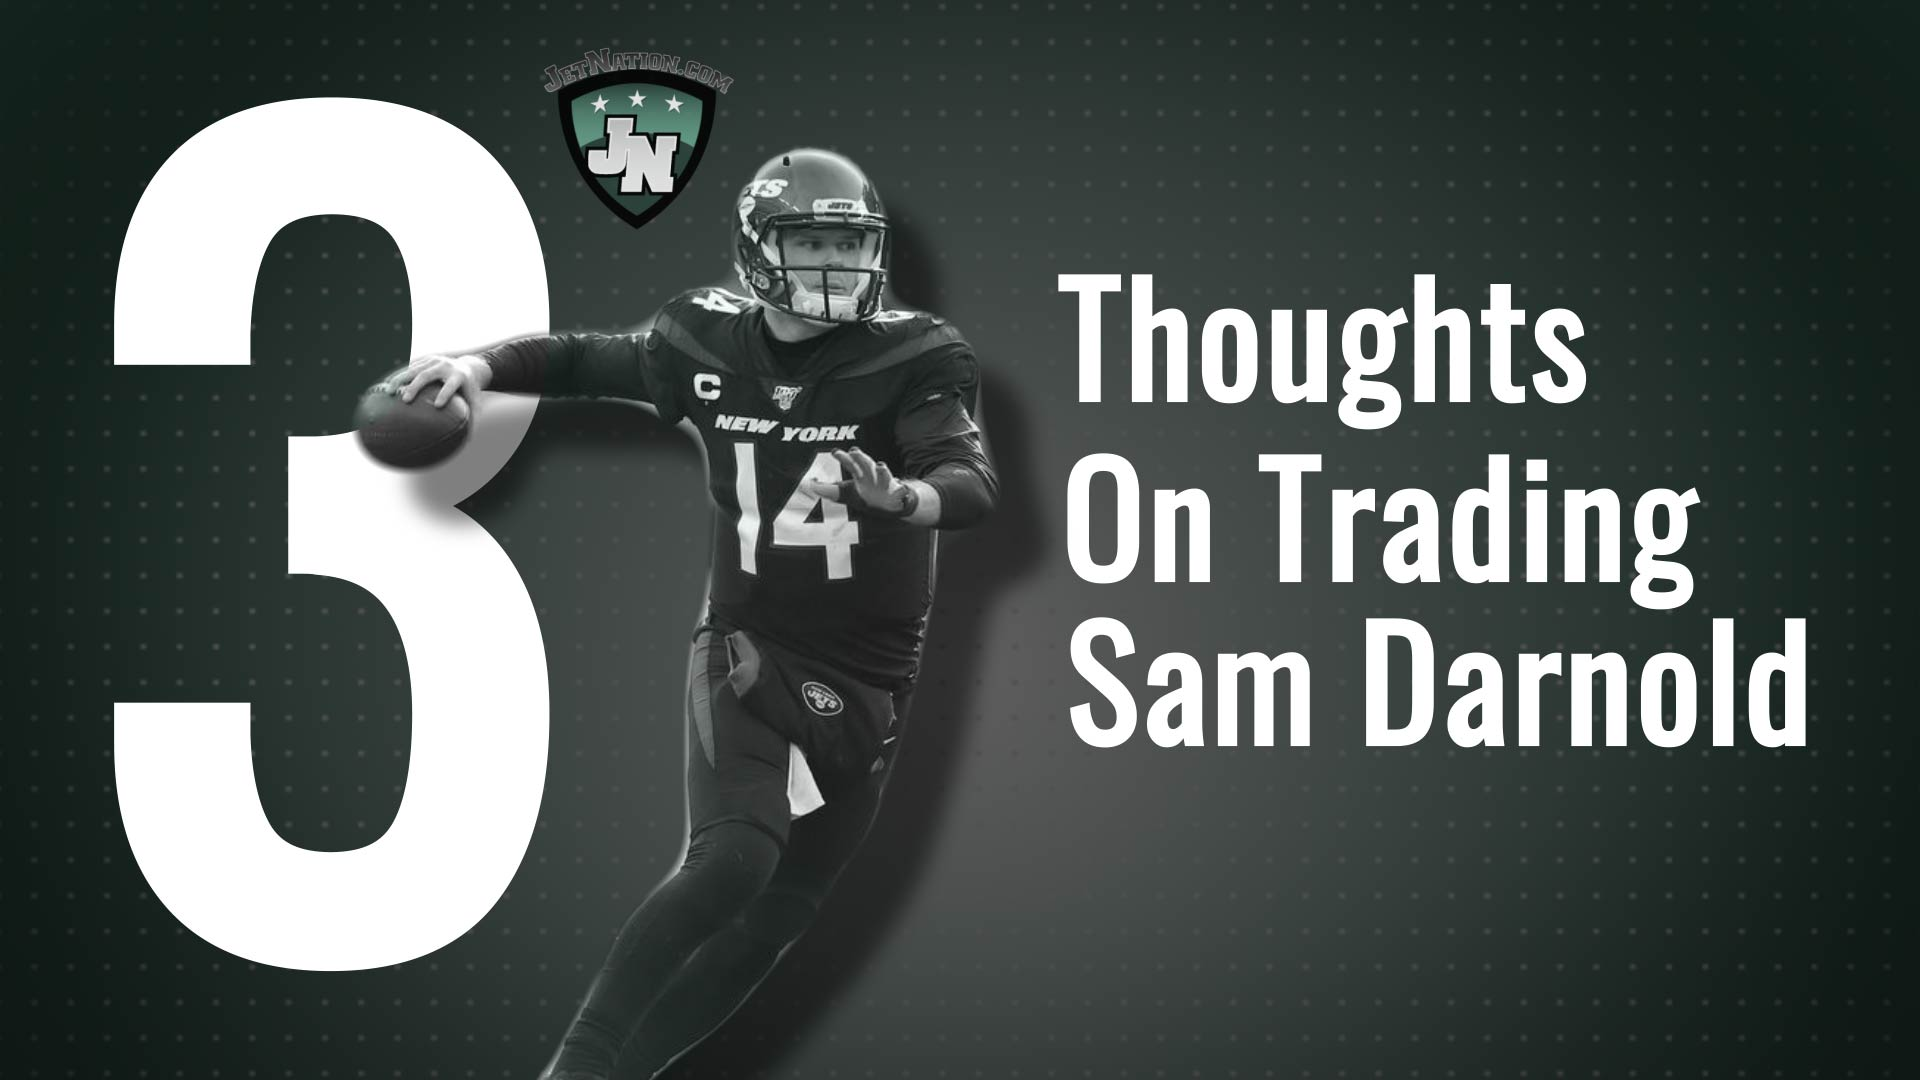 Sam Darnold Traded